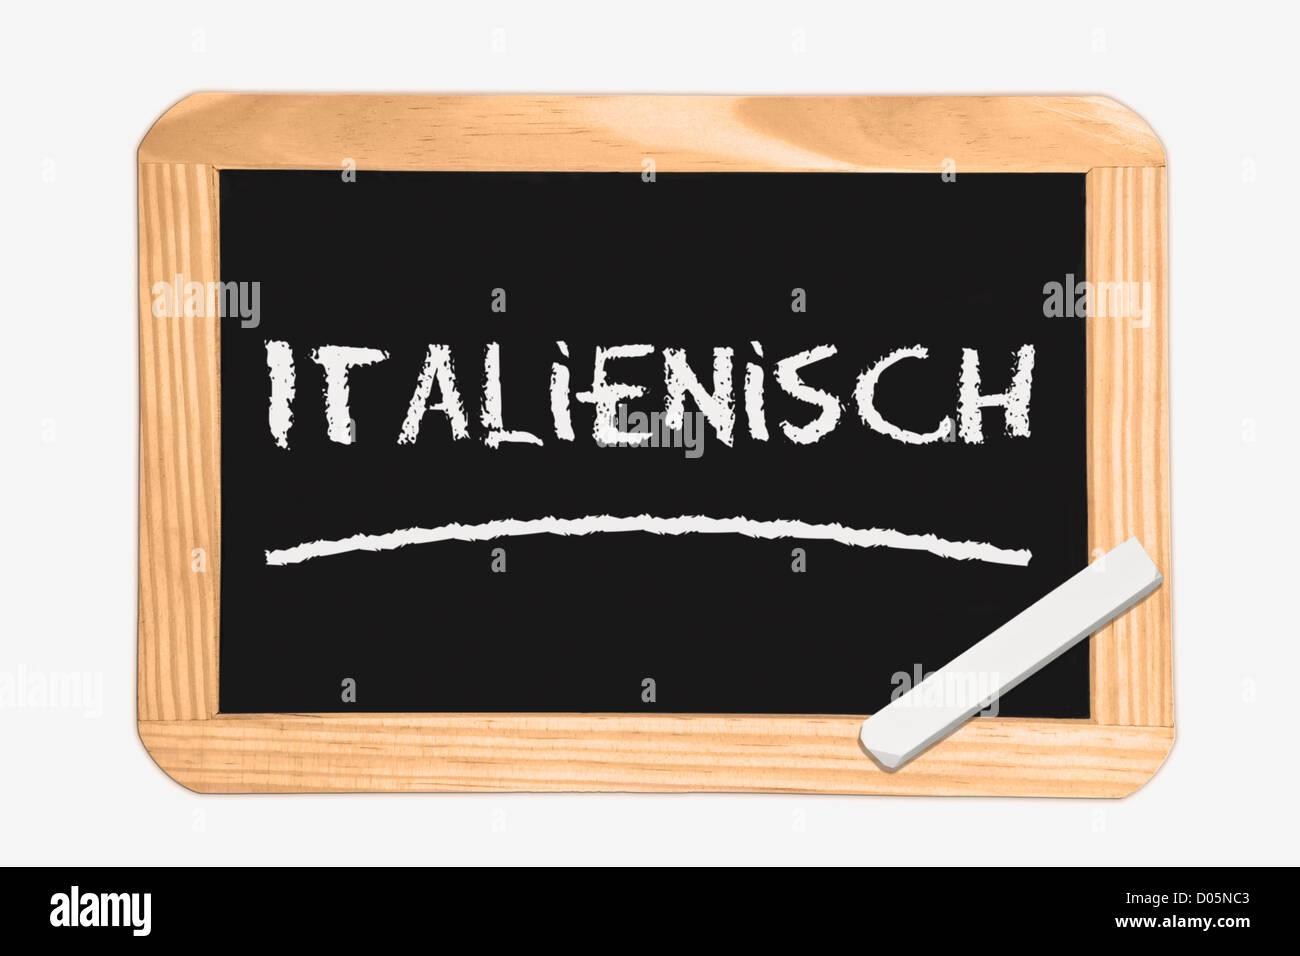 Detail-Foto von einer Tafel mit deutscher Inschrift Italienisch, weiße Kreide liegt in einer Ecke Stockbild